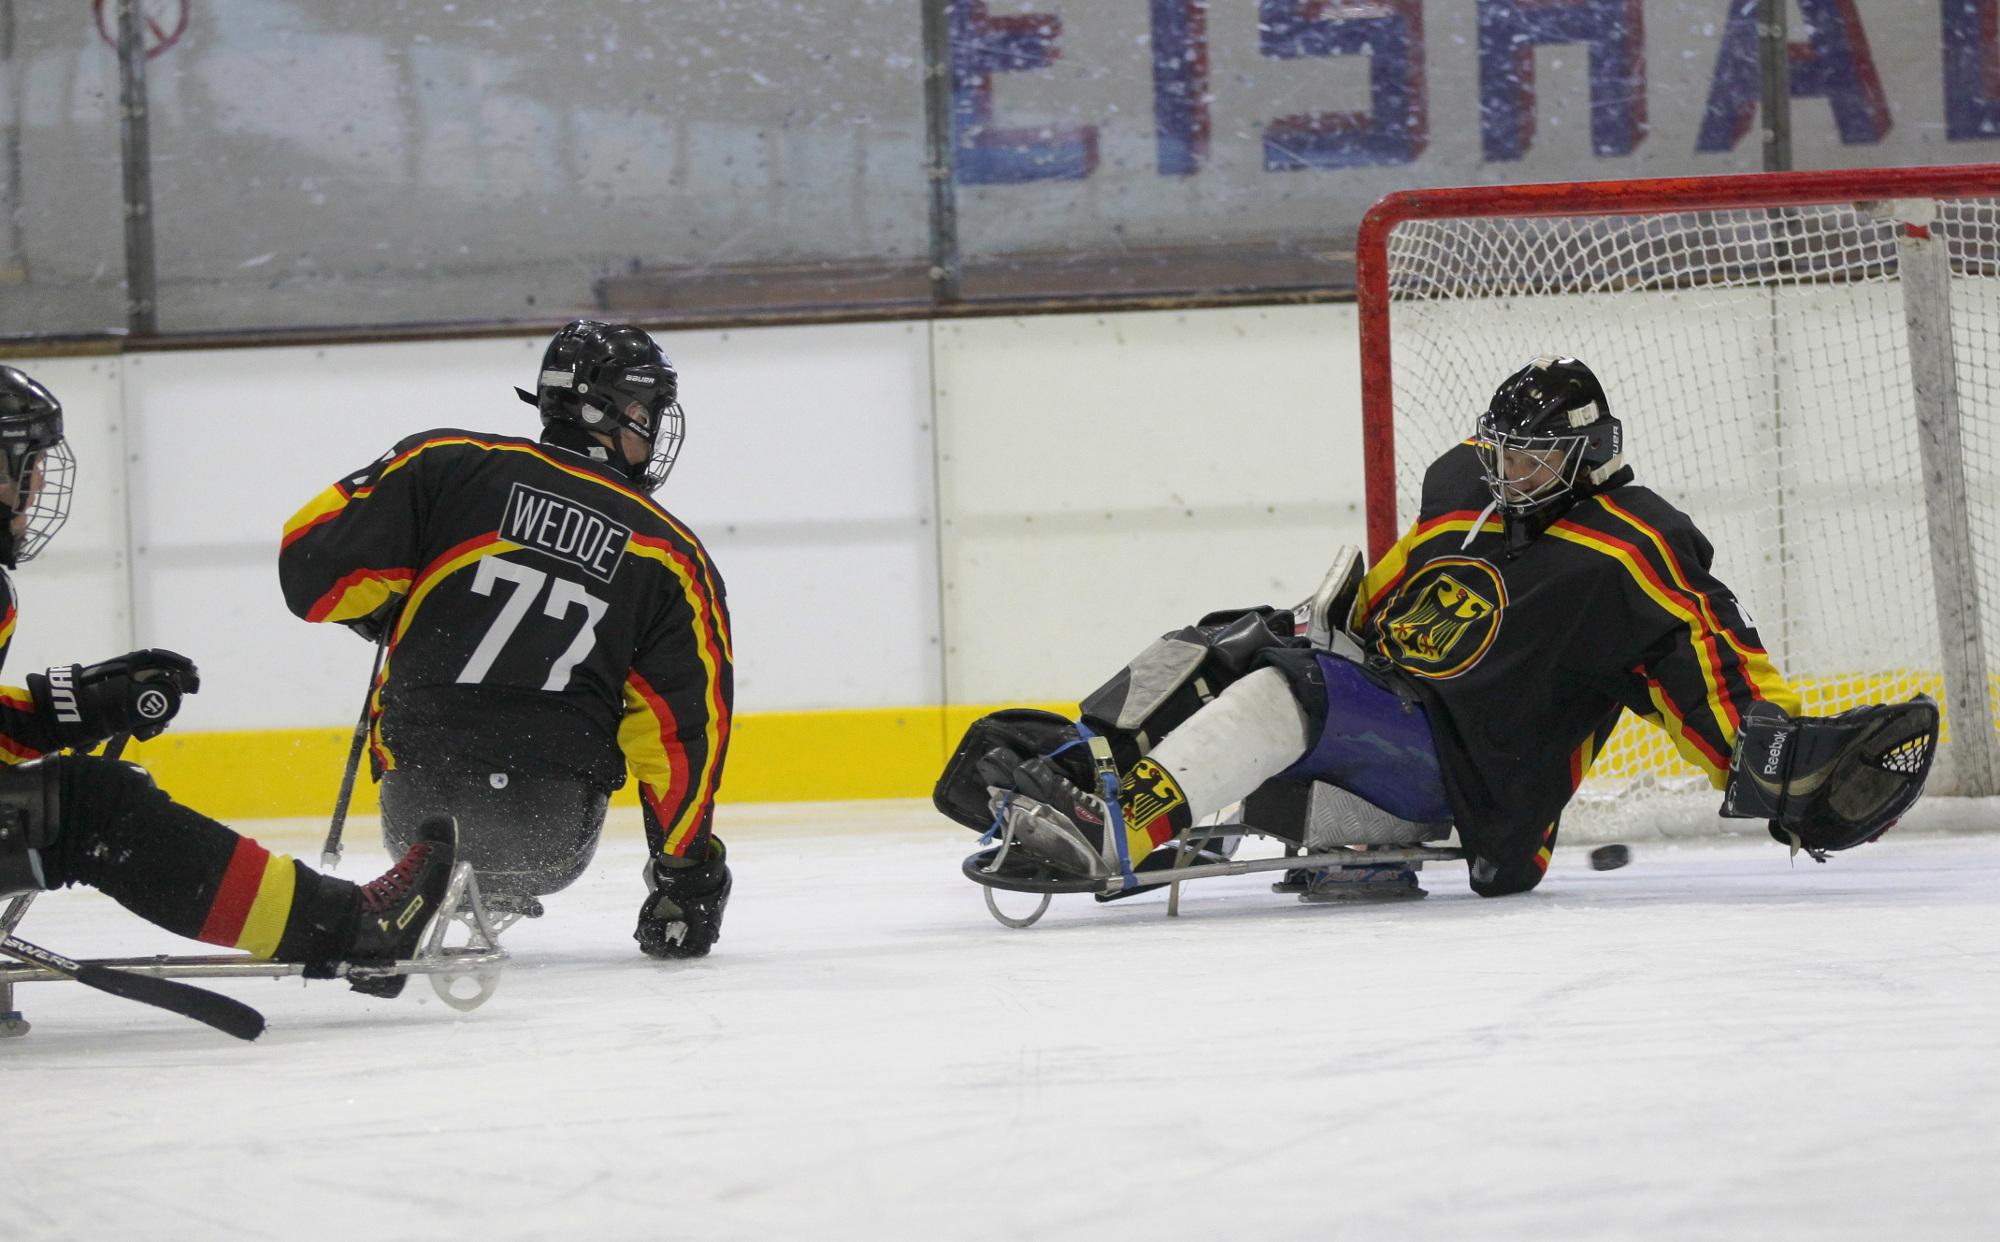 Wichtige Erkenntnisse für den großen Traum / Sledge-Eishockey: Bei den ... - GESUNDHEIT ADHOC (Pressemitteilung)